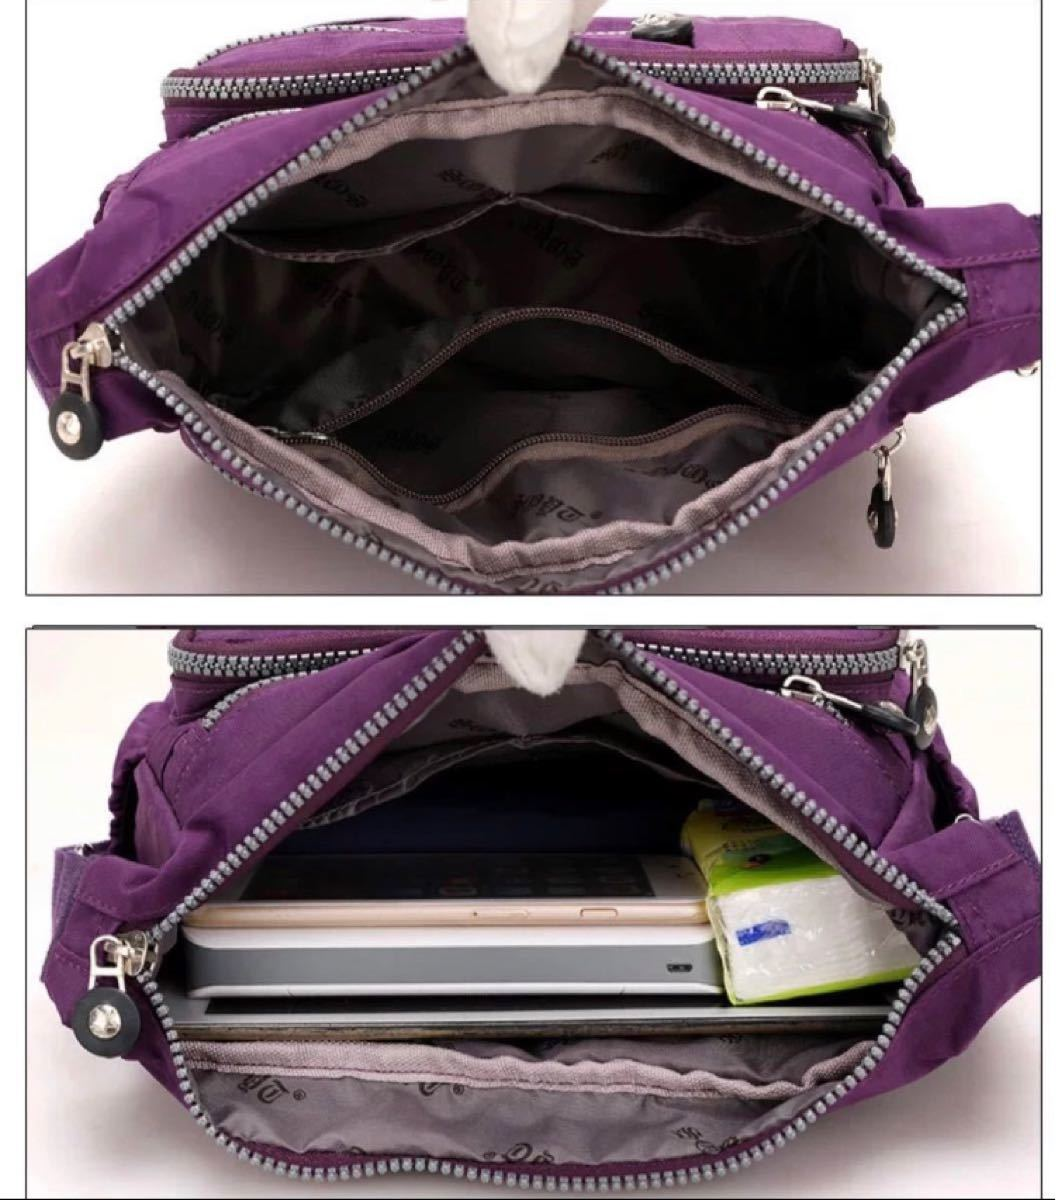 ショルダーバッグ ネイビー 斜めがけ レディースバッグ iPad 軽量 斜めがけバッグ 肩掛け アウトドア トラベルバッグ